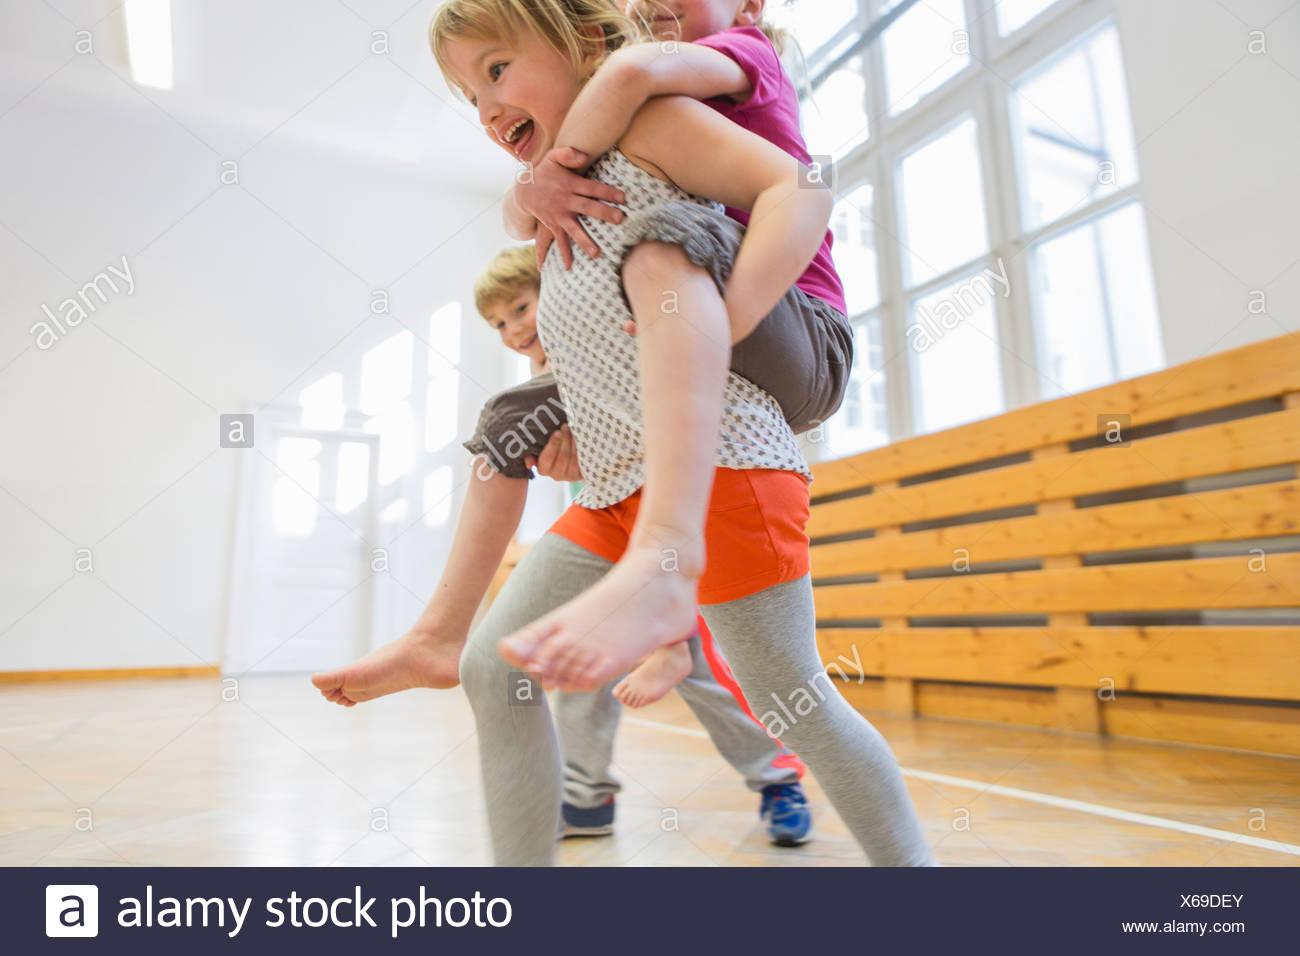 Kinder mit Huckepack-Rennen in der Aula Stockbild